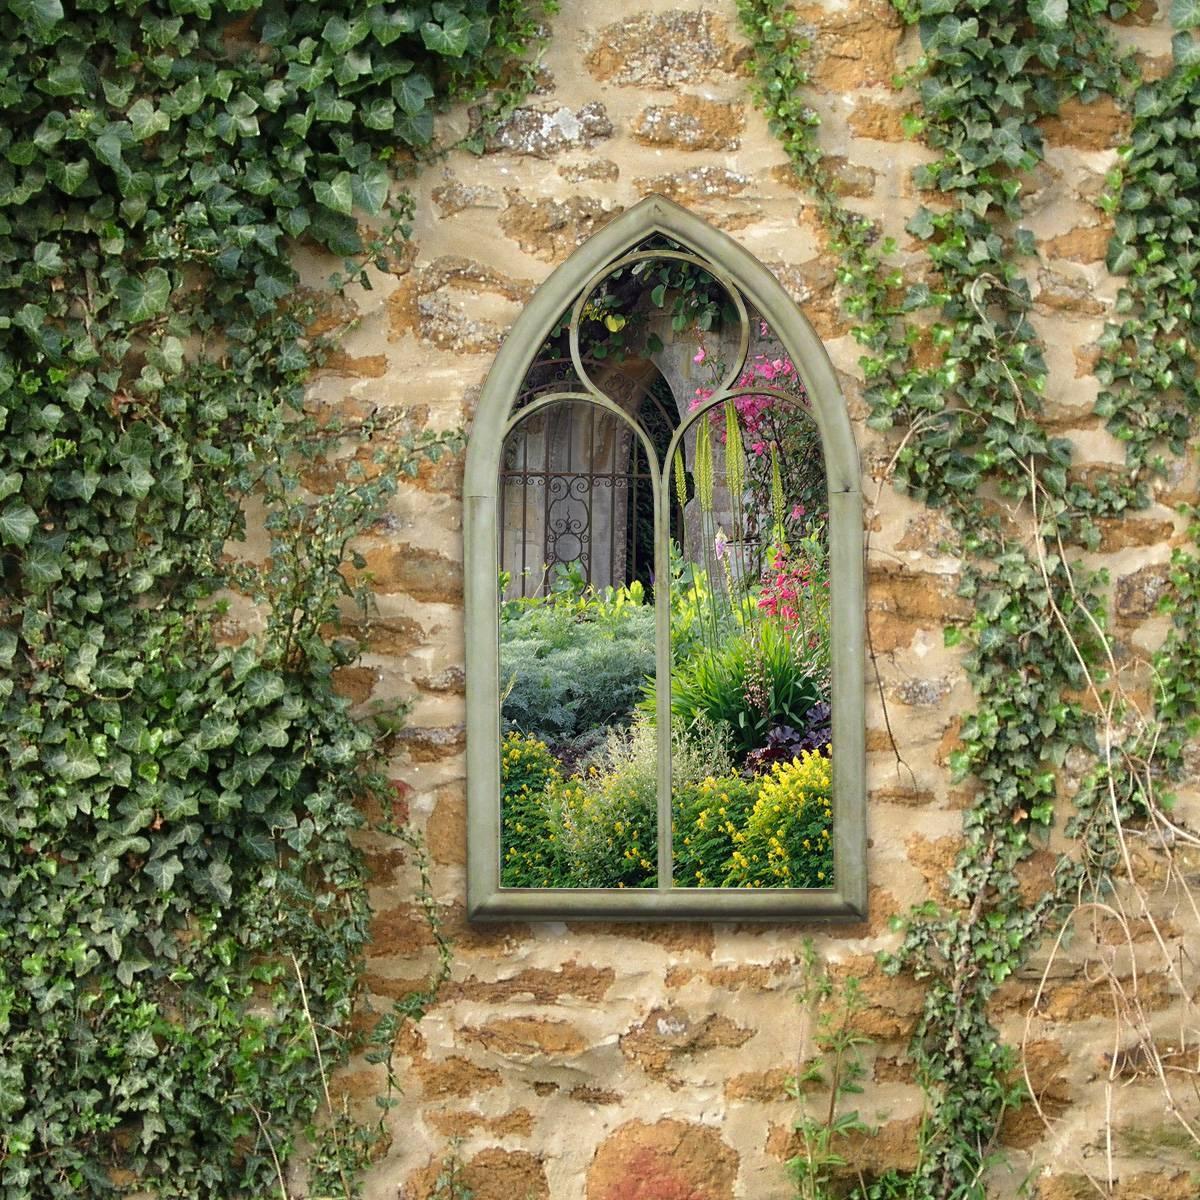 Charles Bentley Chapel Garden Mirror - Charles Bentley inside Gothic Garden Mirrors (Image 6 of 15)